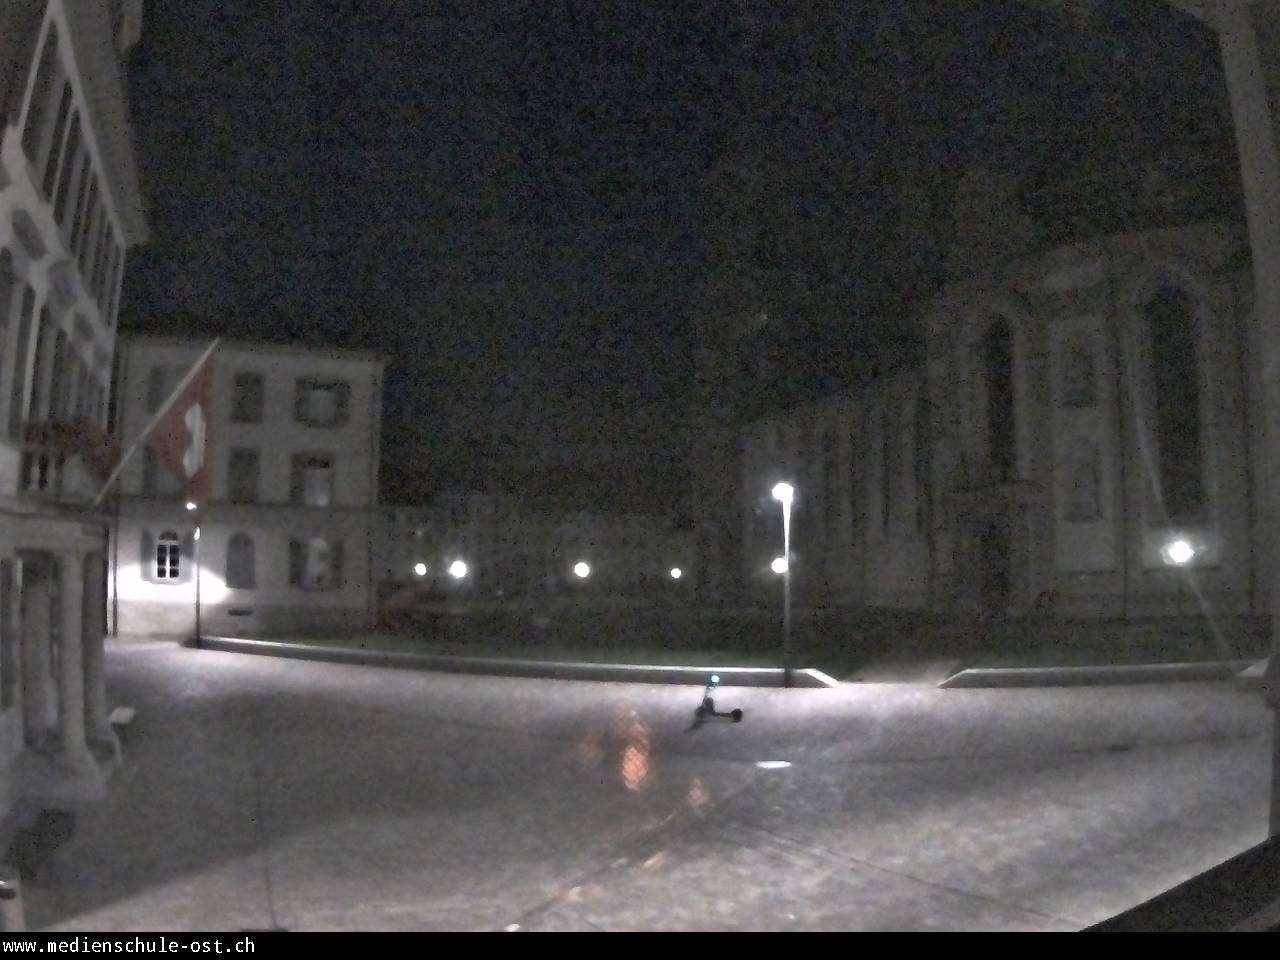 St. Gallen Do. 03:46